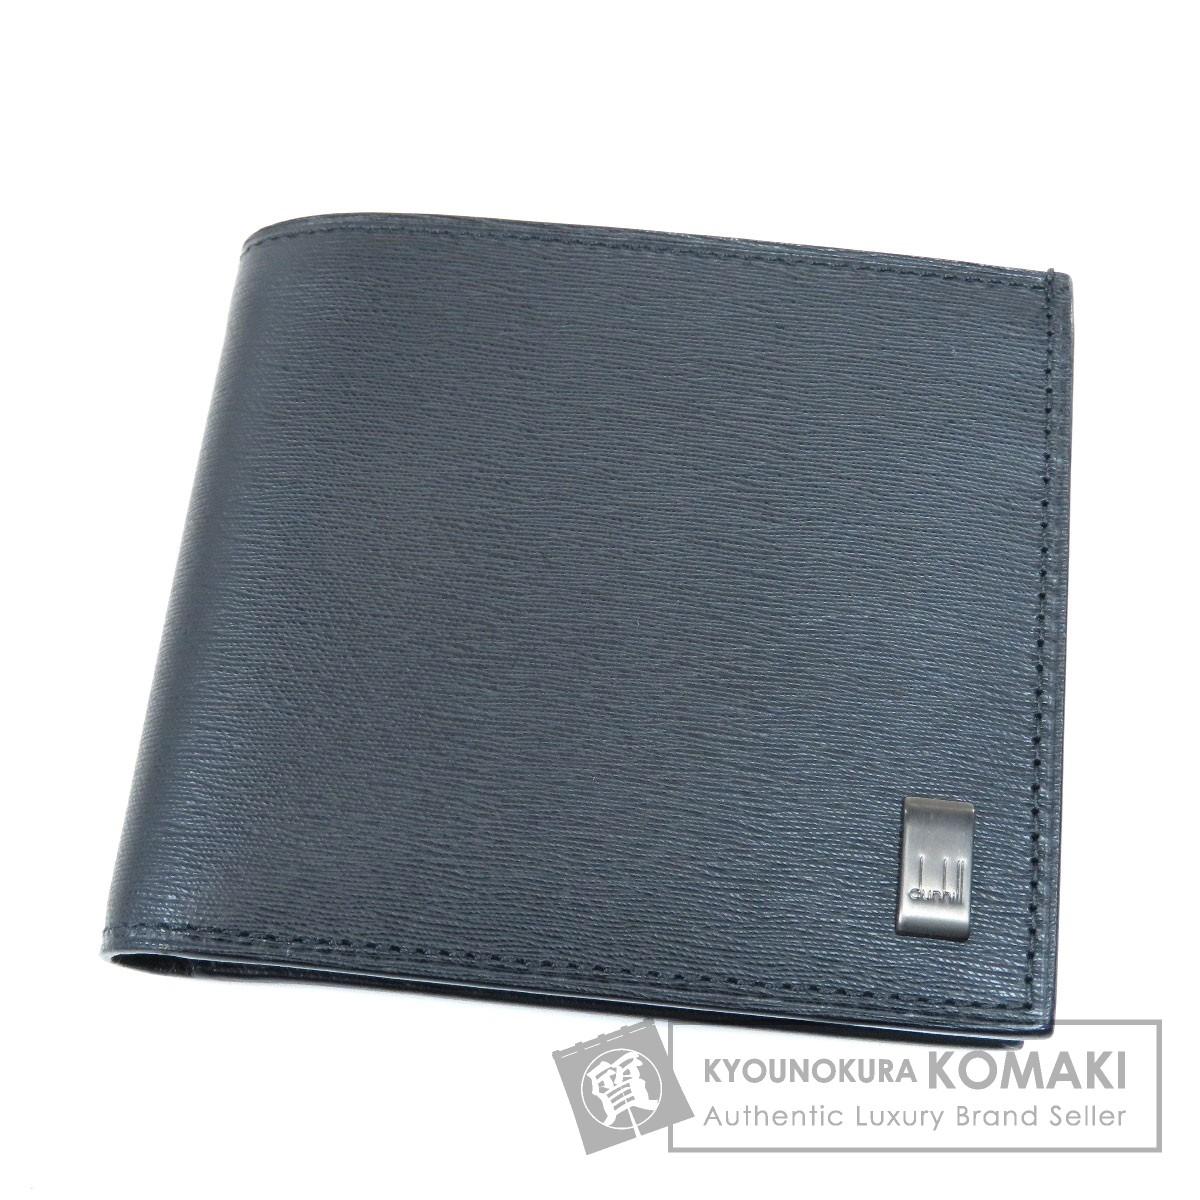 Dunhill ロゴプレート 二つ折り財布(小銭入れあり) レザー メンズ 【中古】【ダンヒル】